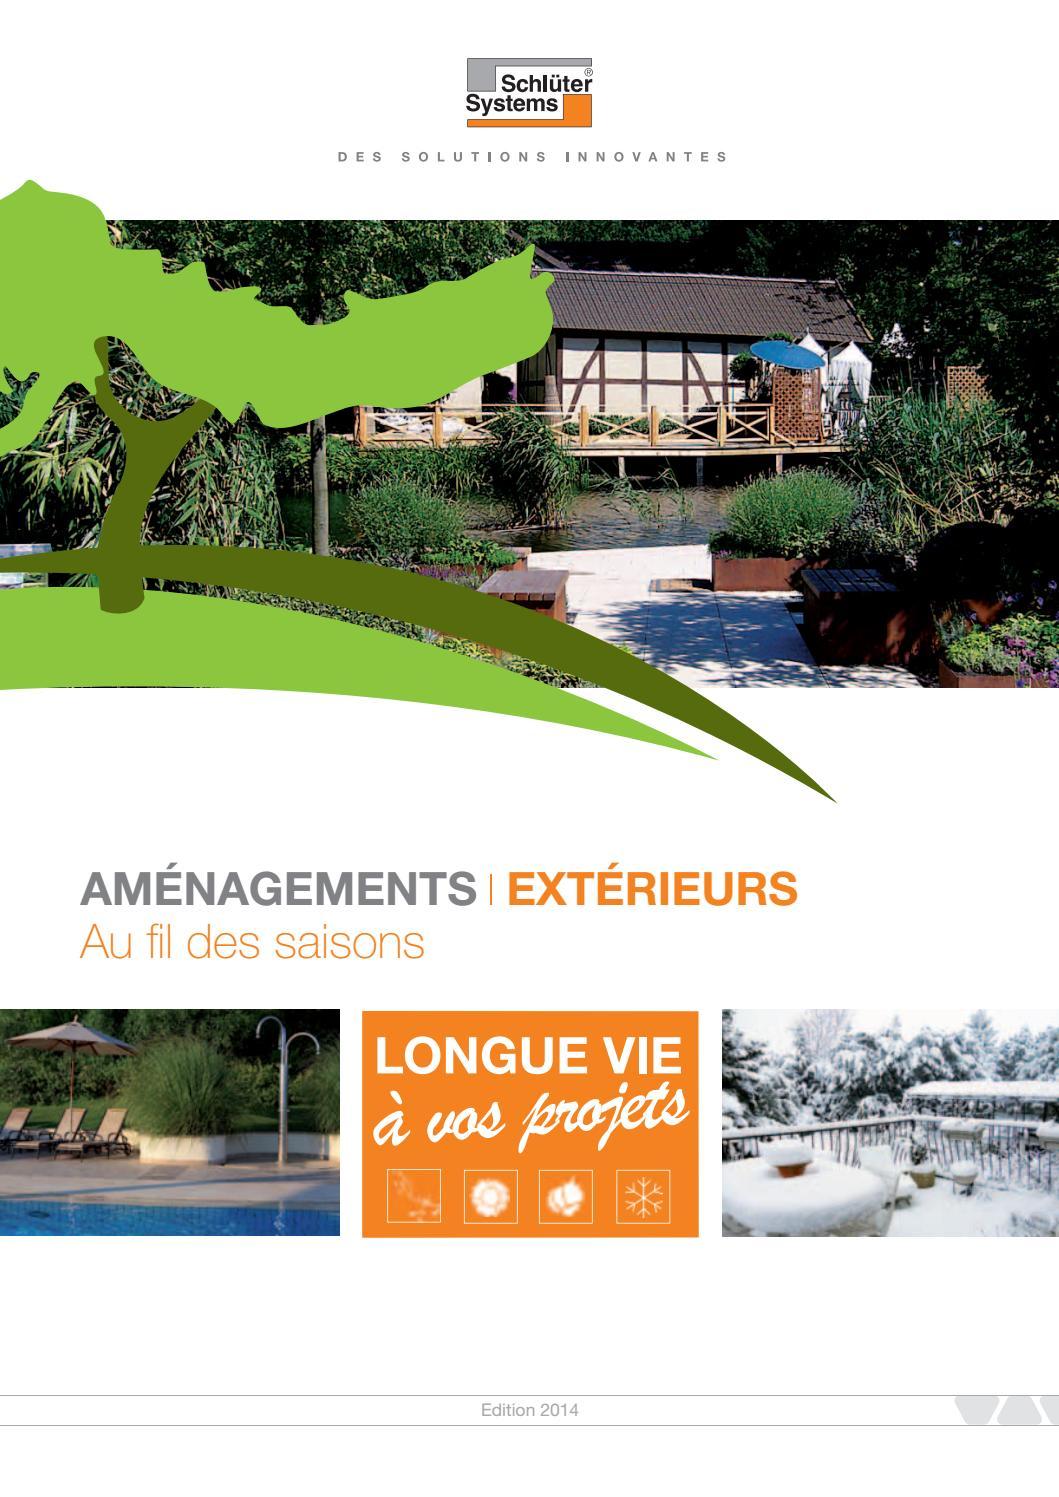 Natte Drainante Sous Carrelage Extérieur guideamenagementsexterieurs2014schluter-systems